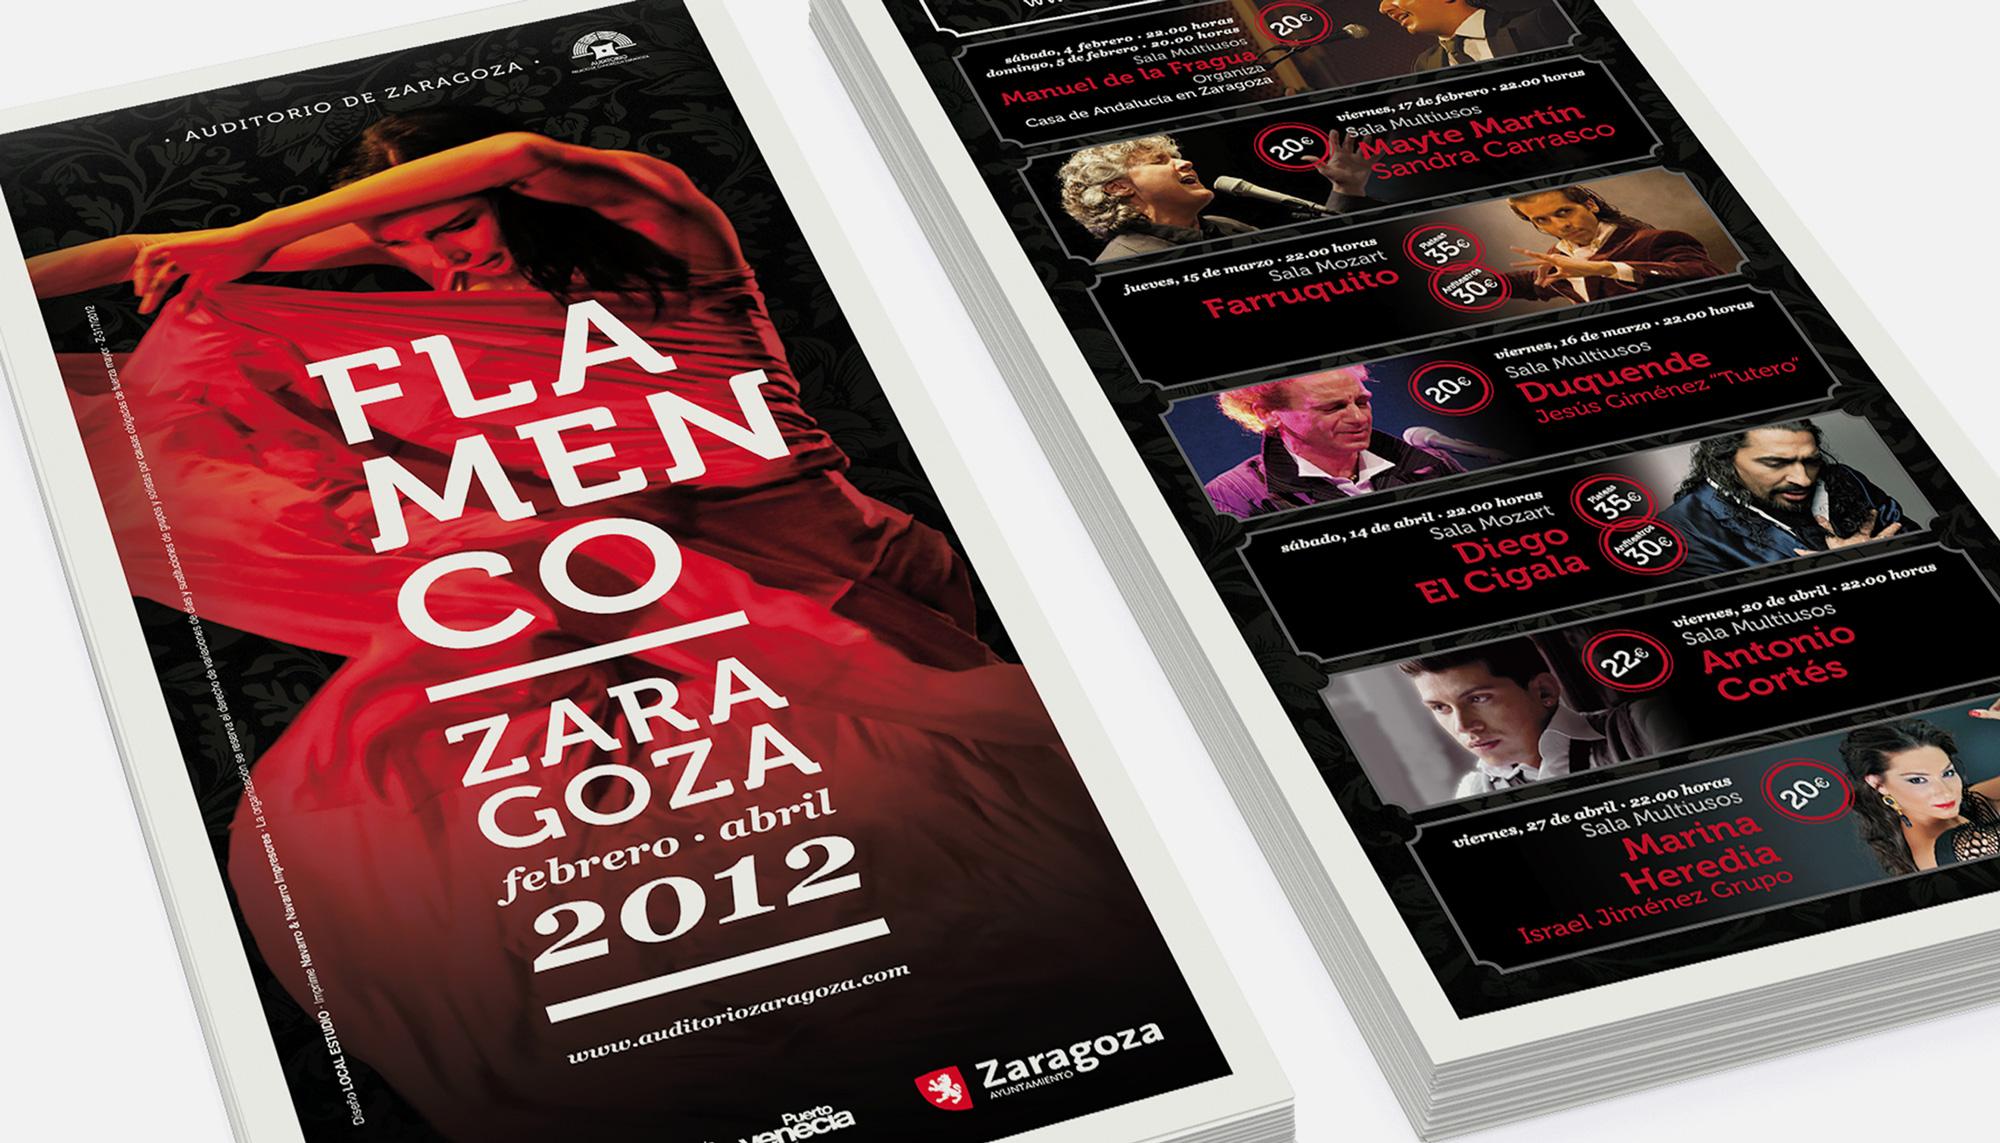 Folleto Flamenco Zaragoza 2012